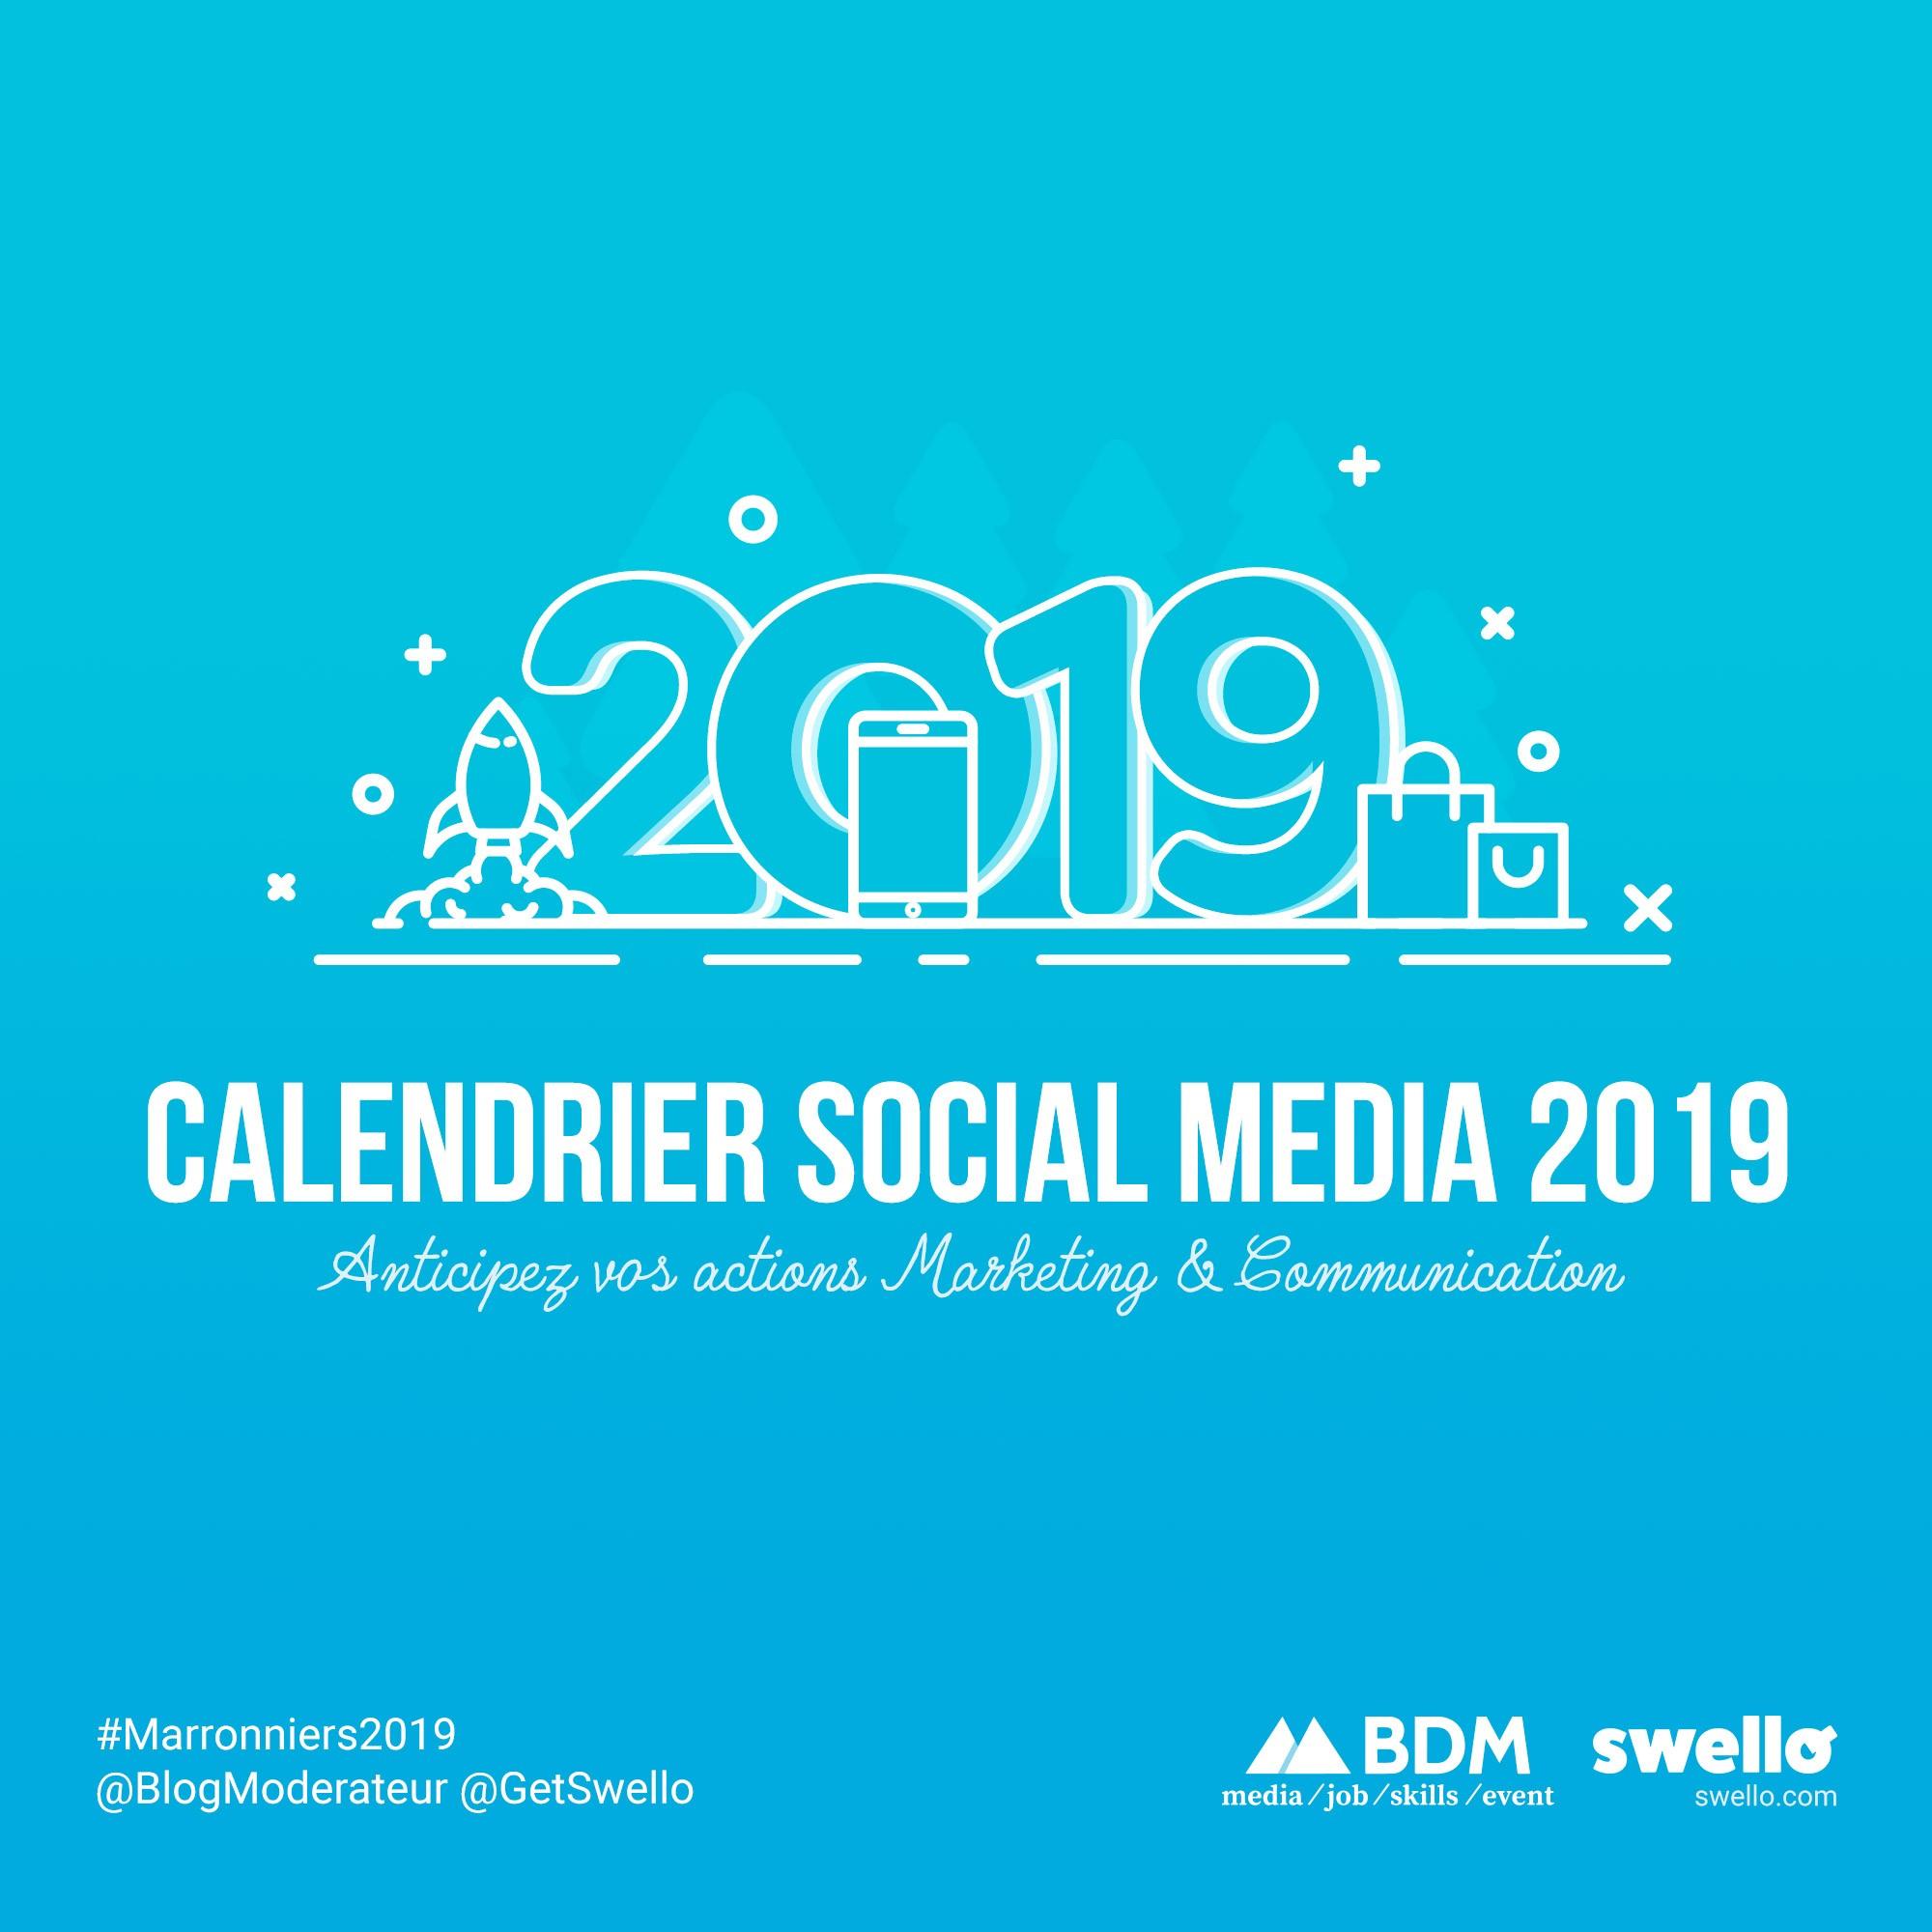 Calendrier marketing 2019 : la liste de tous les événements